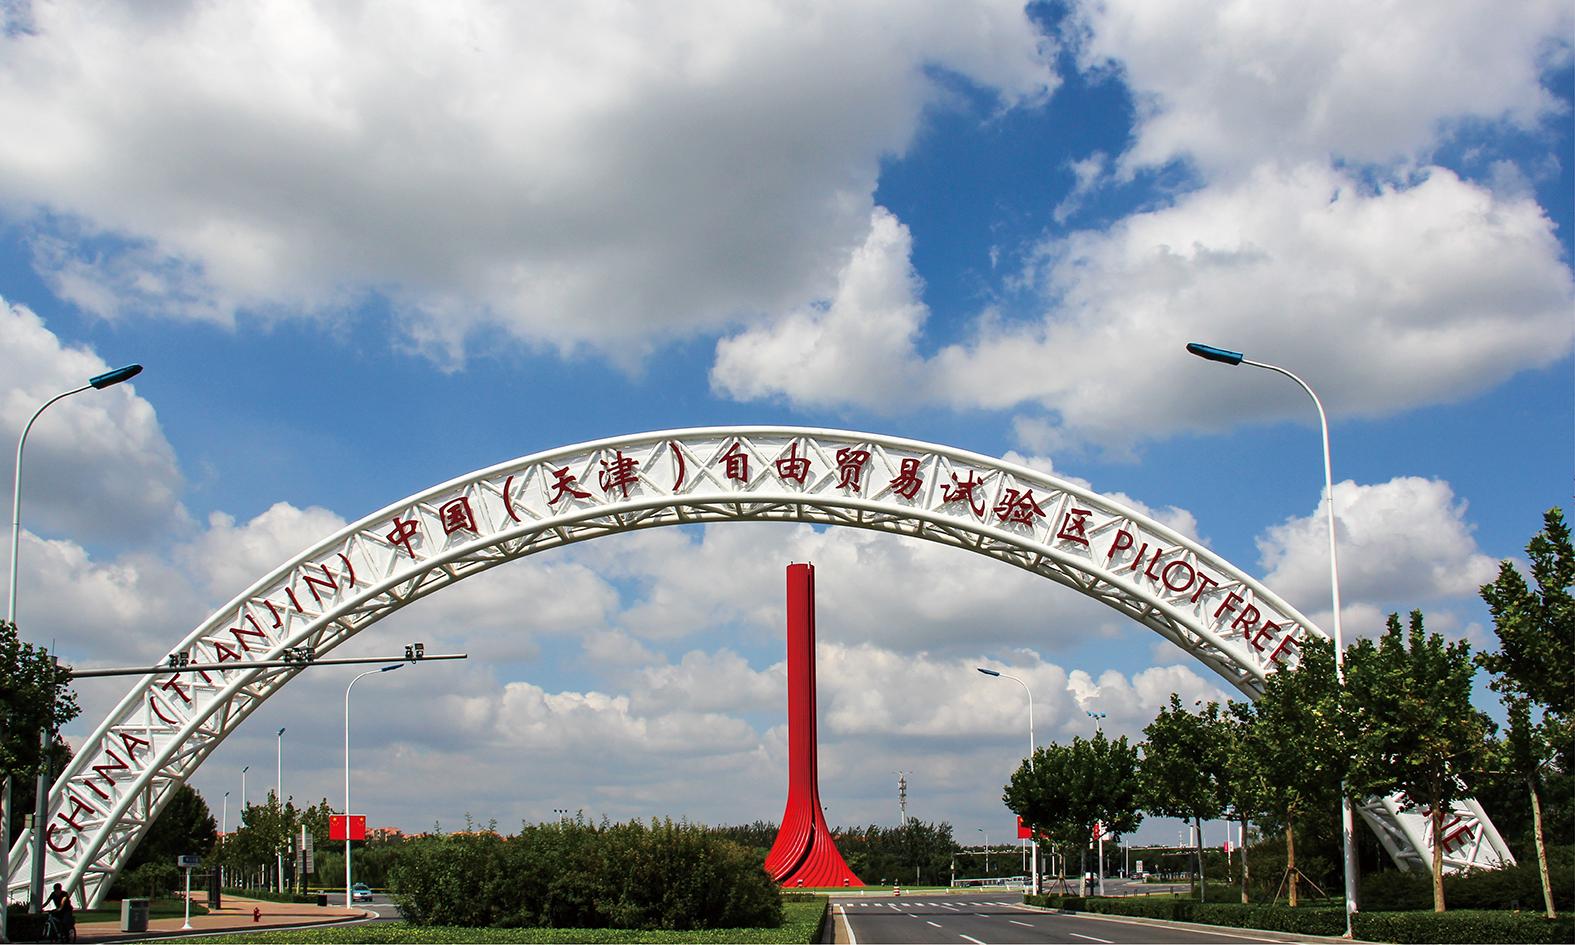 中国(天津)自由贸易试验区。图片来源:天津自贸试验区